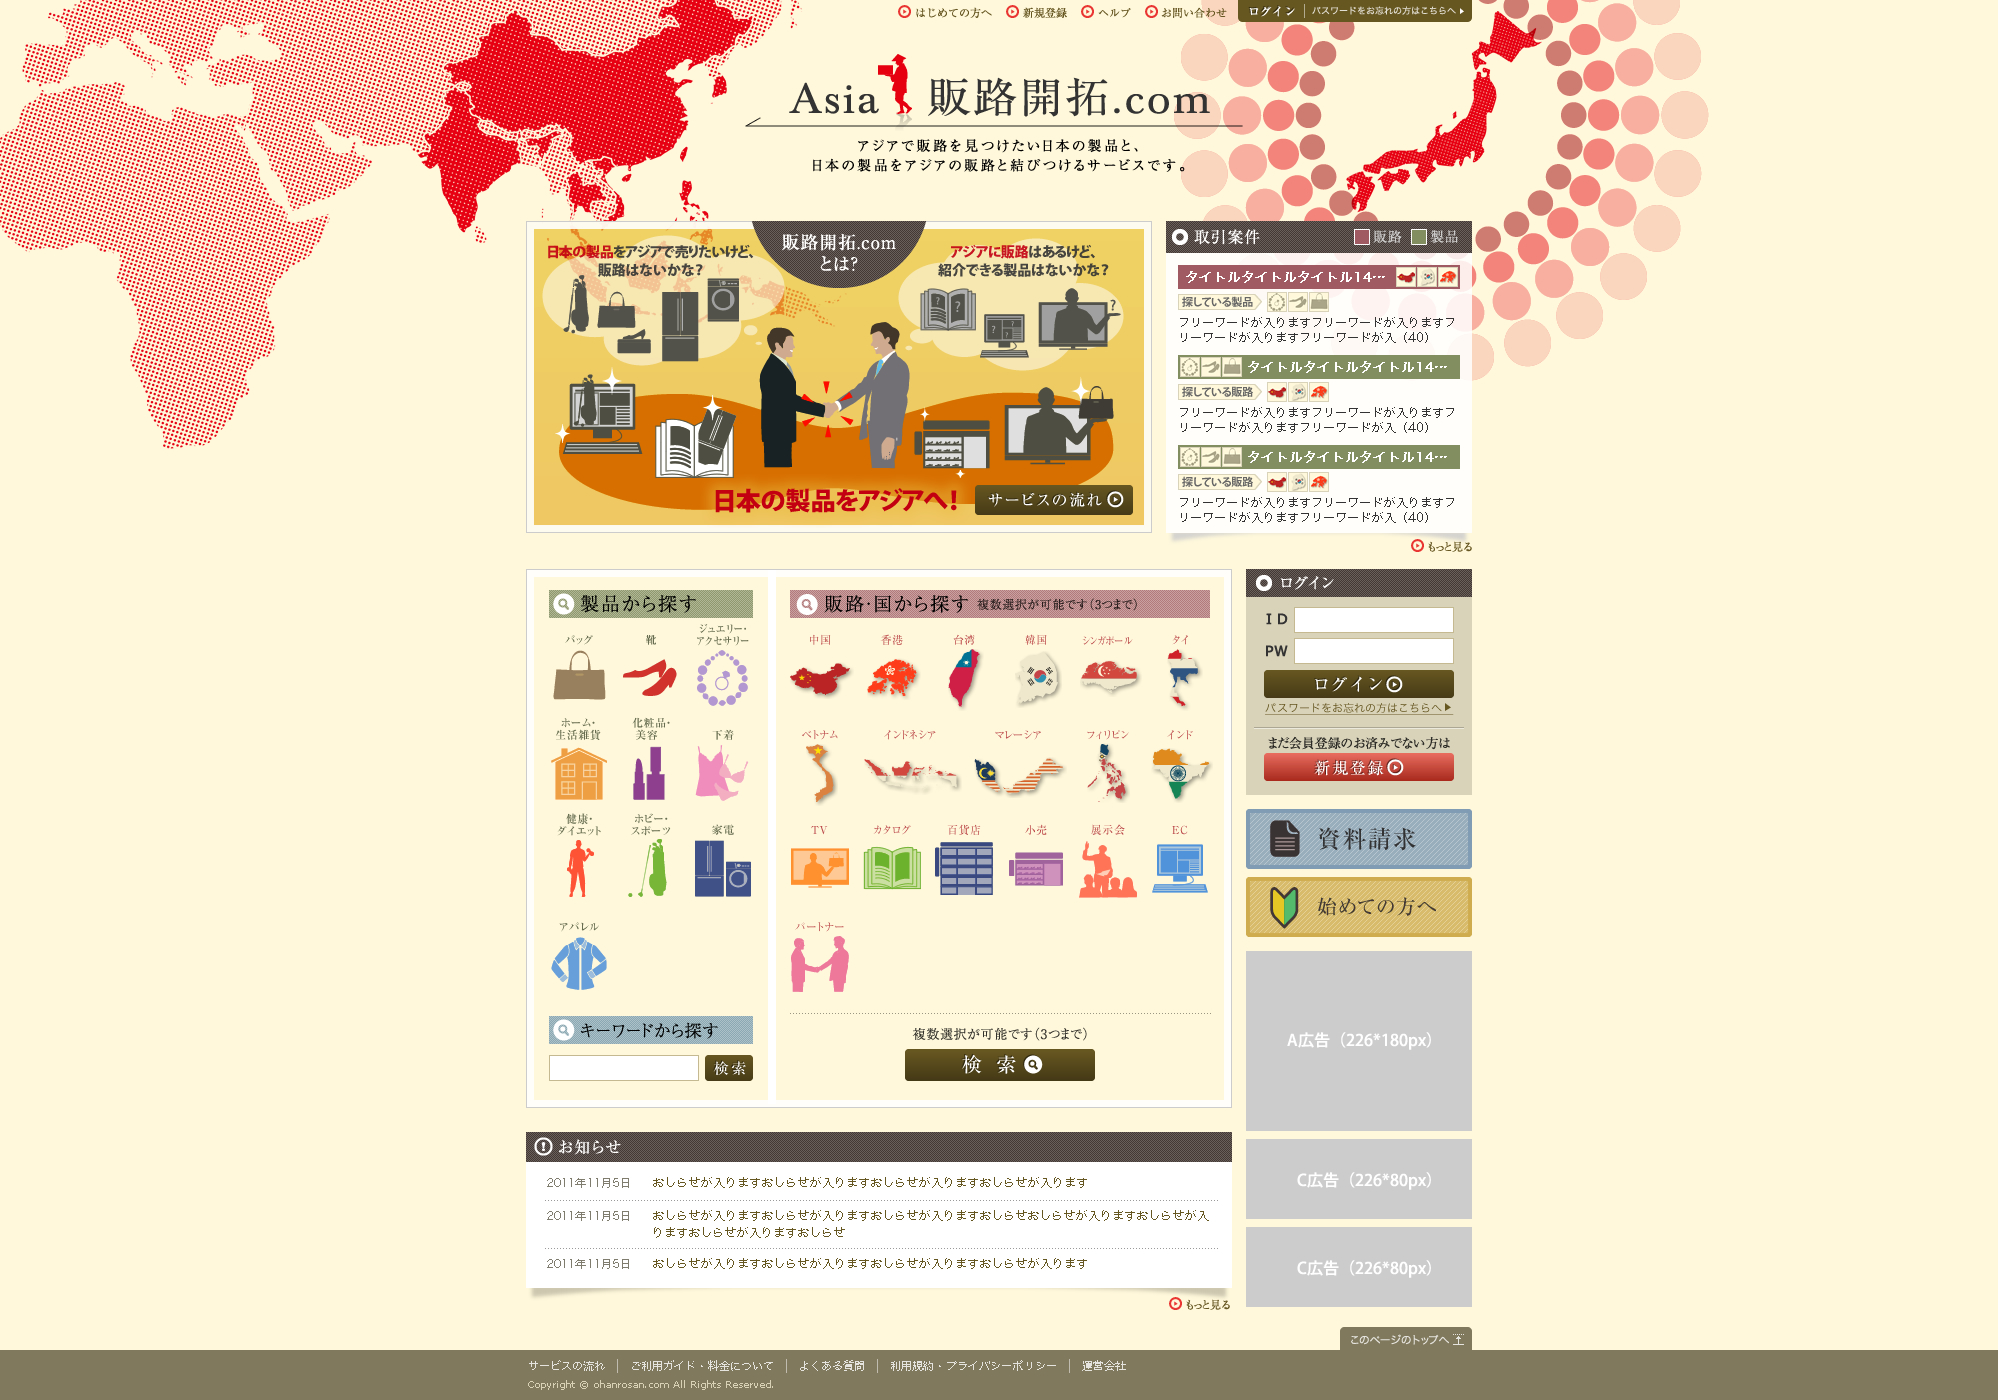 日本の製品とアジアの販路をつなげるマッチングサイト 『Asia 販路開拓.com』の無料登録をスタート